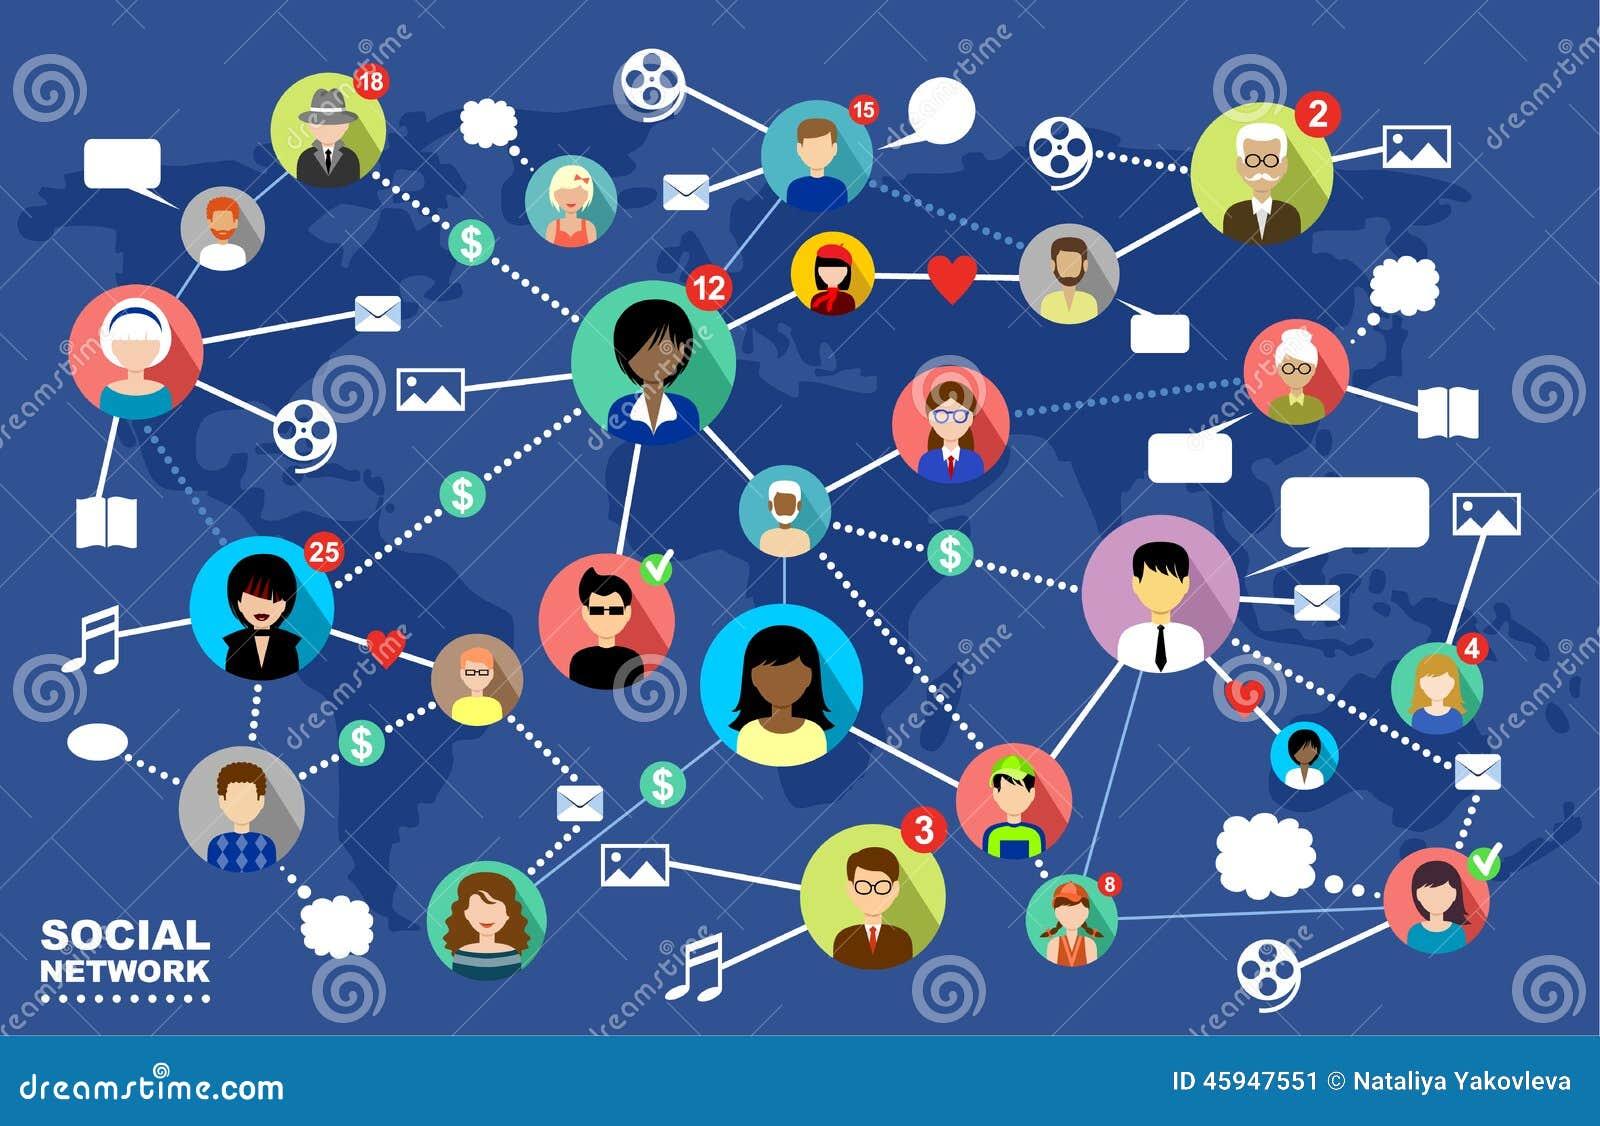 redes sociales comunicaci n de inter  vector ilustraci n